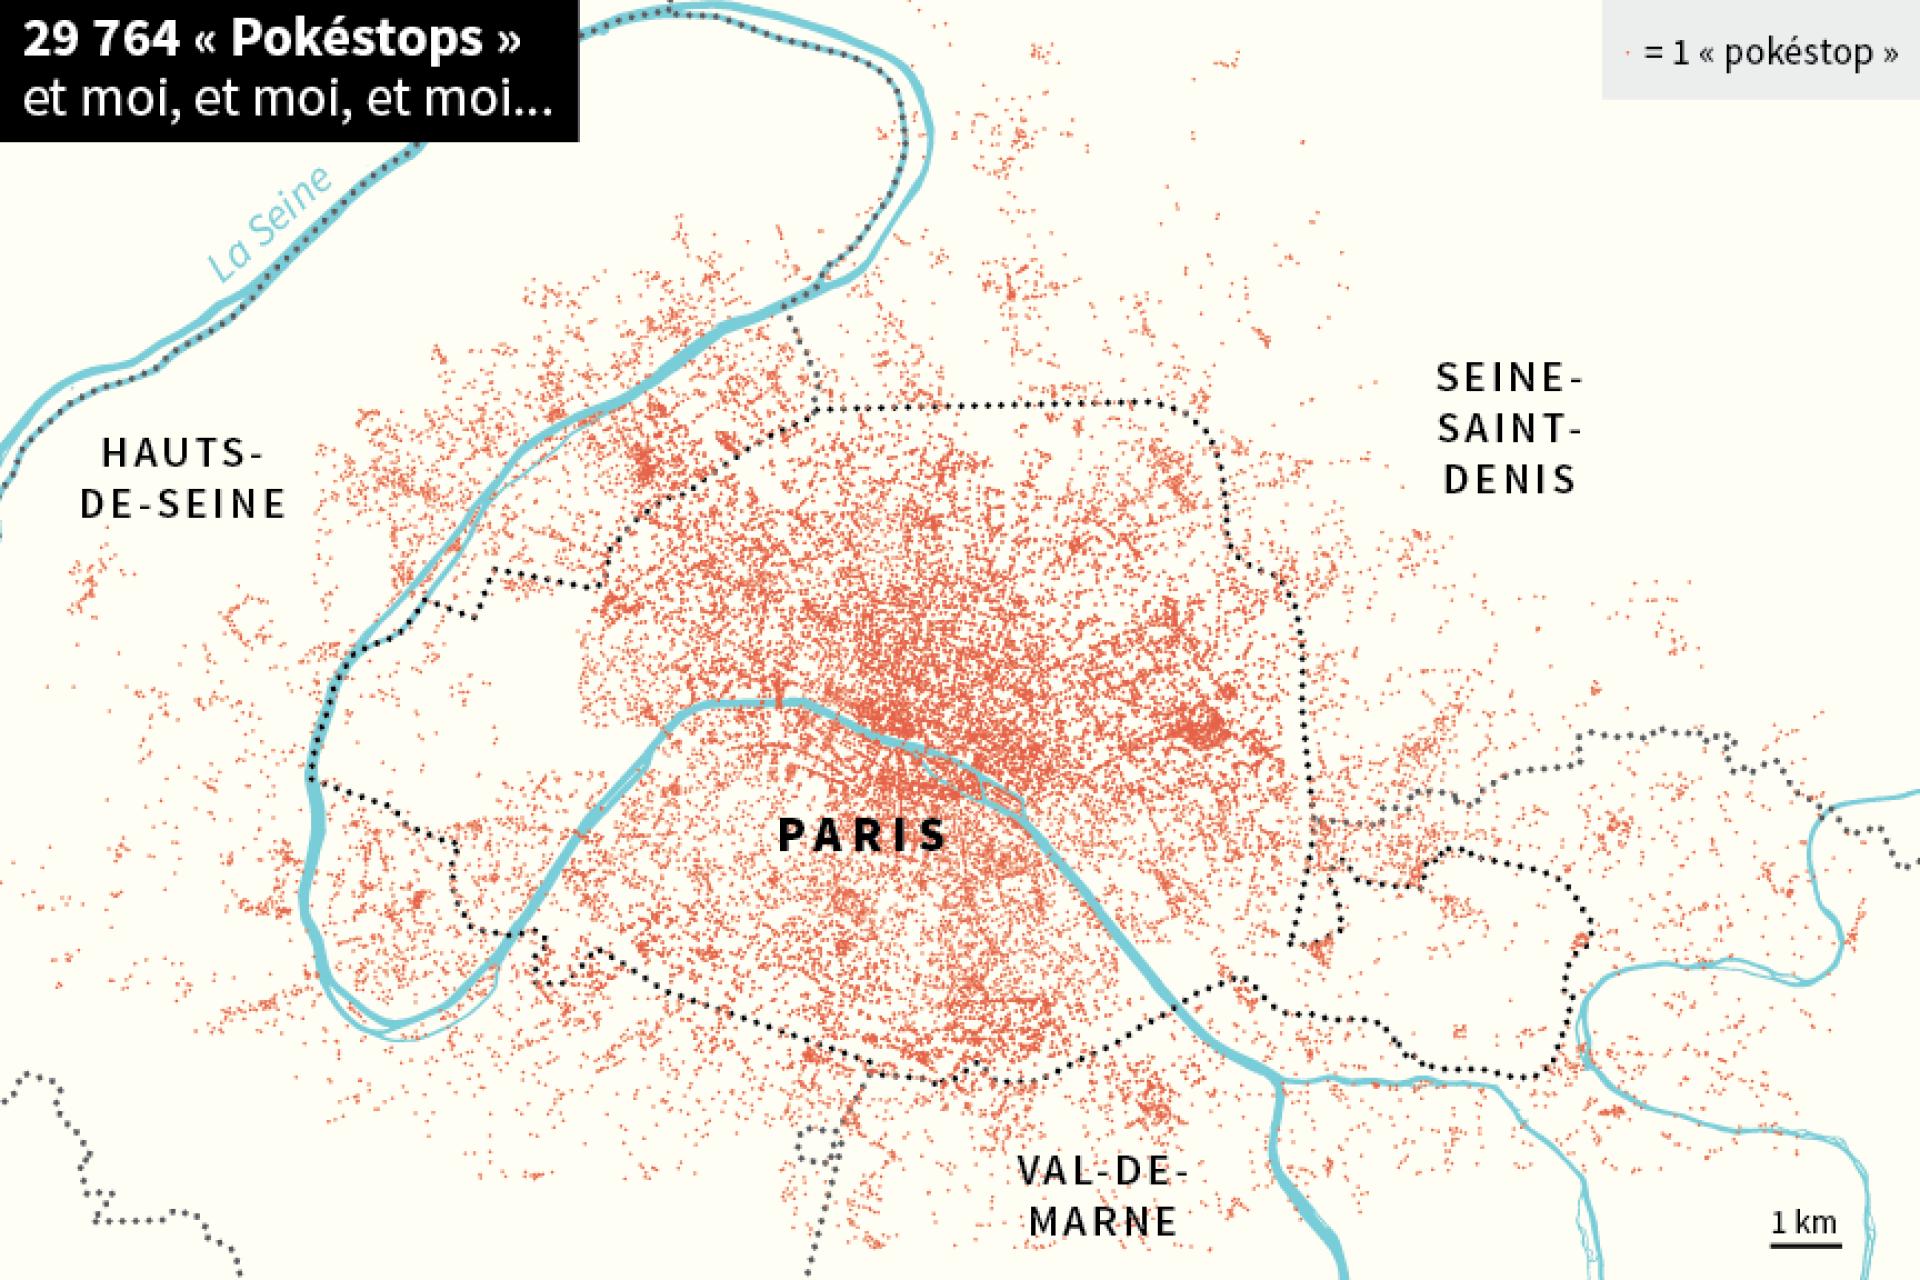 Carte générale des pokéstops de Paris et sa proche banlieue.